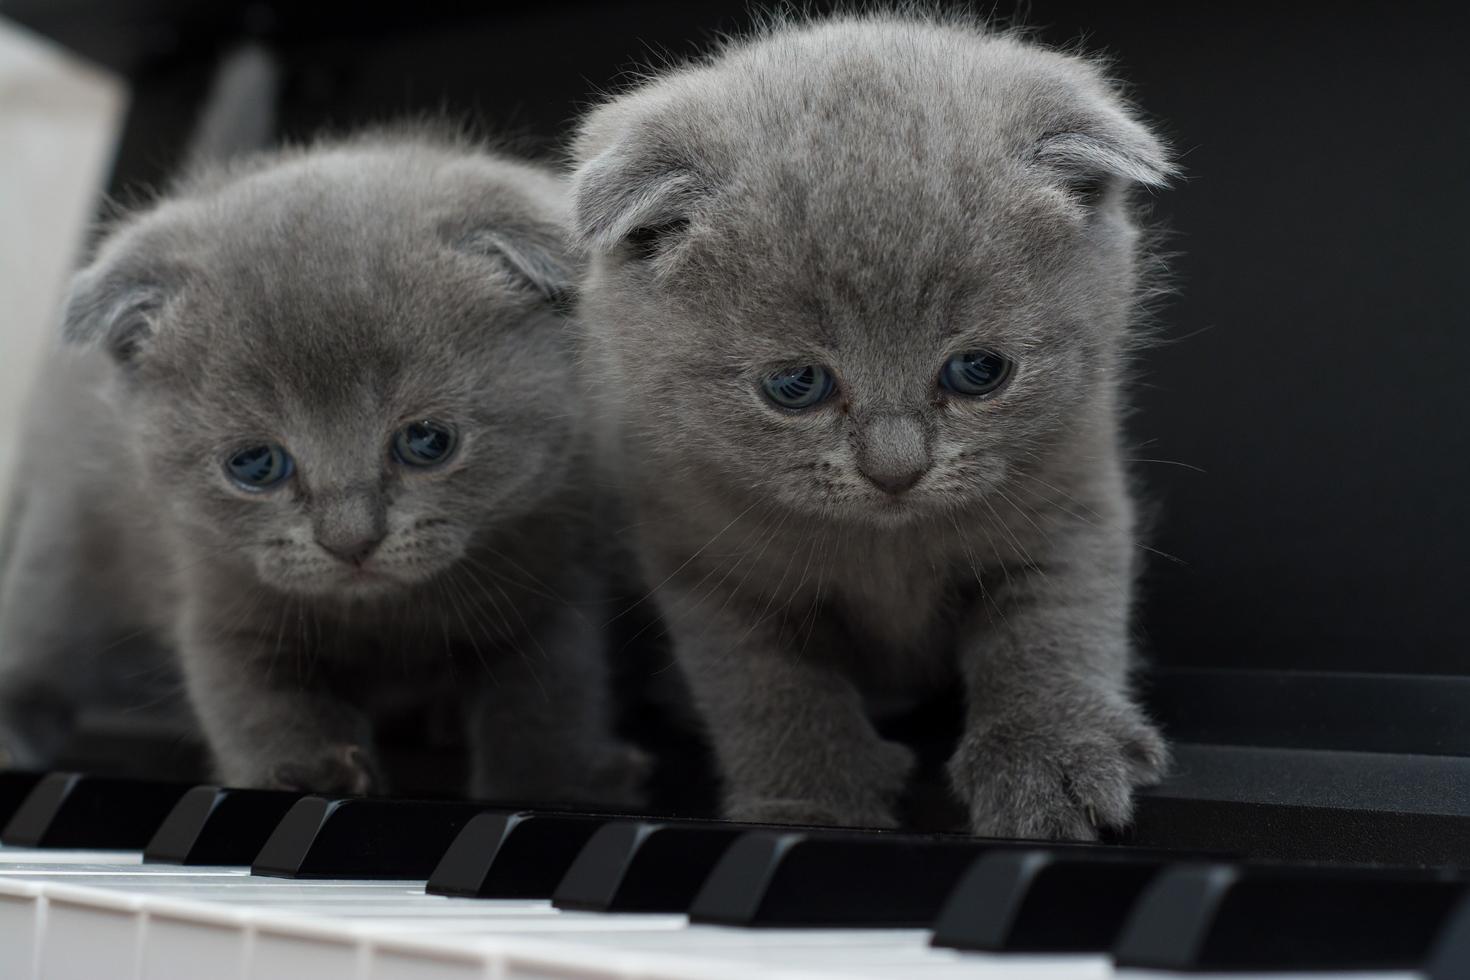 ピアノの鍵盤に猫がいる写真